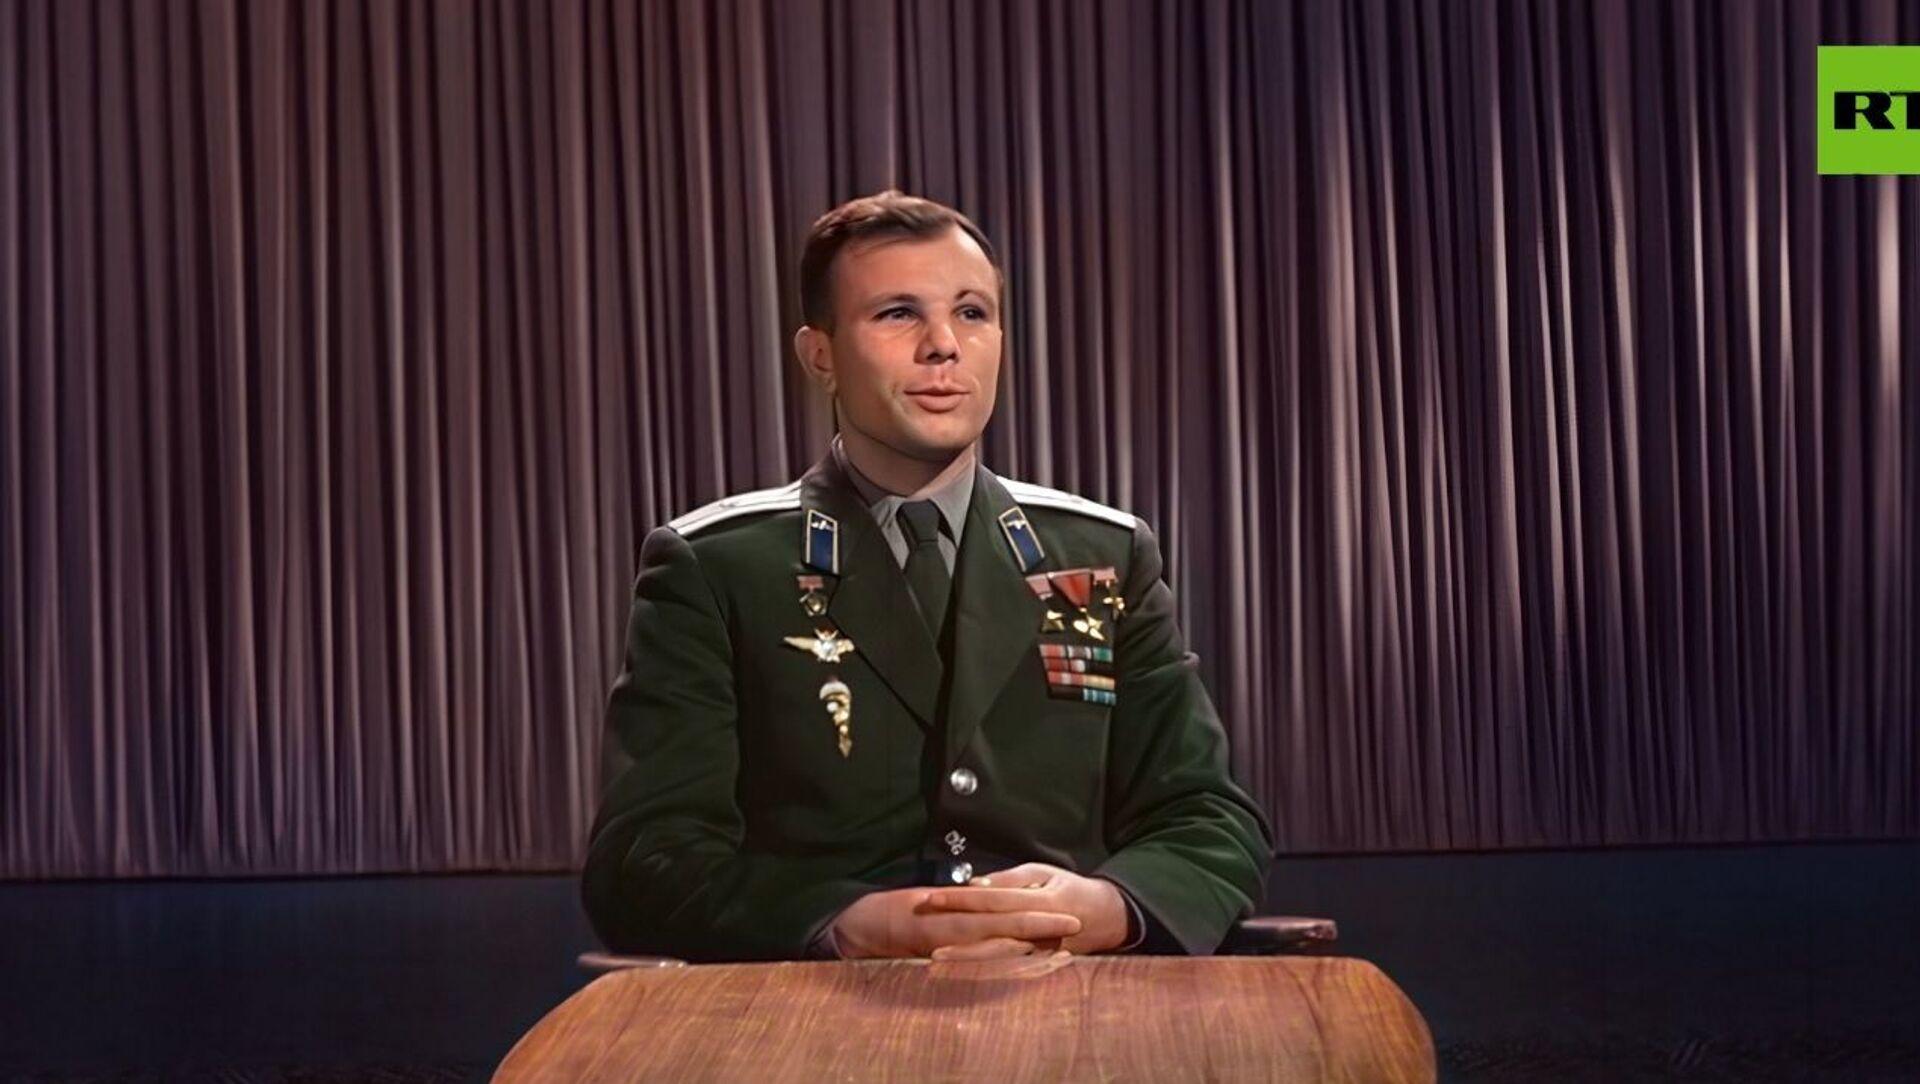 Uzaya çıkışın 1. yıl dönümünde Gagarin'in kutlama konuşması renklendirildi: ''Yaşasın barış'' - Sputnik Türkiye, 1920, 16.04.2021